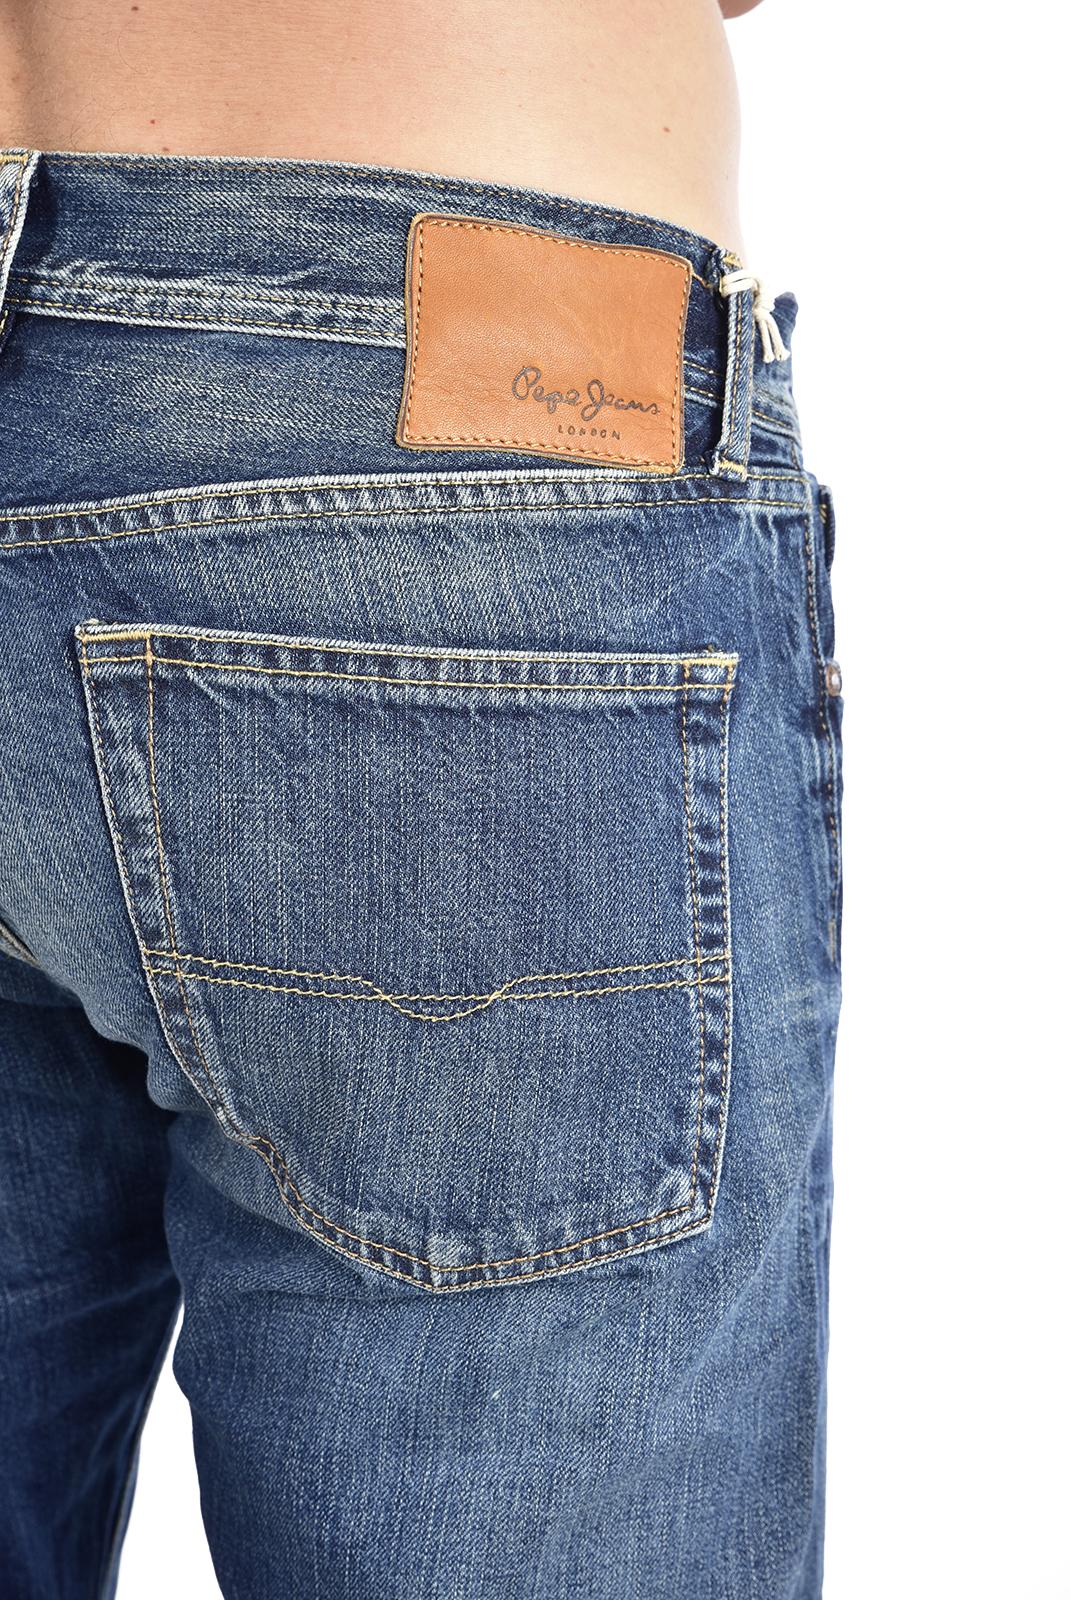 droit  Pepe jeans PM200909F112 oxford bleu